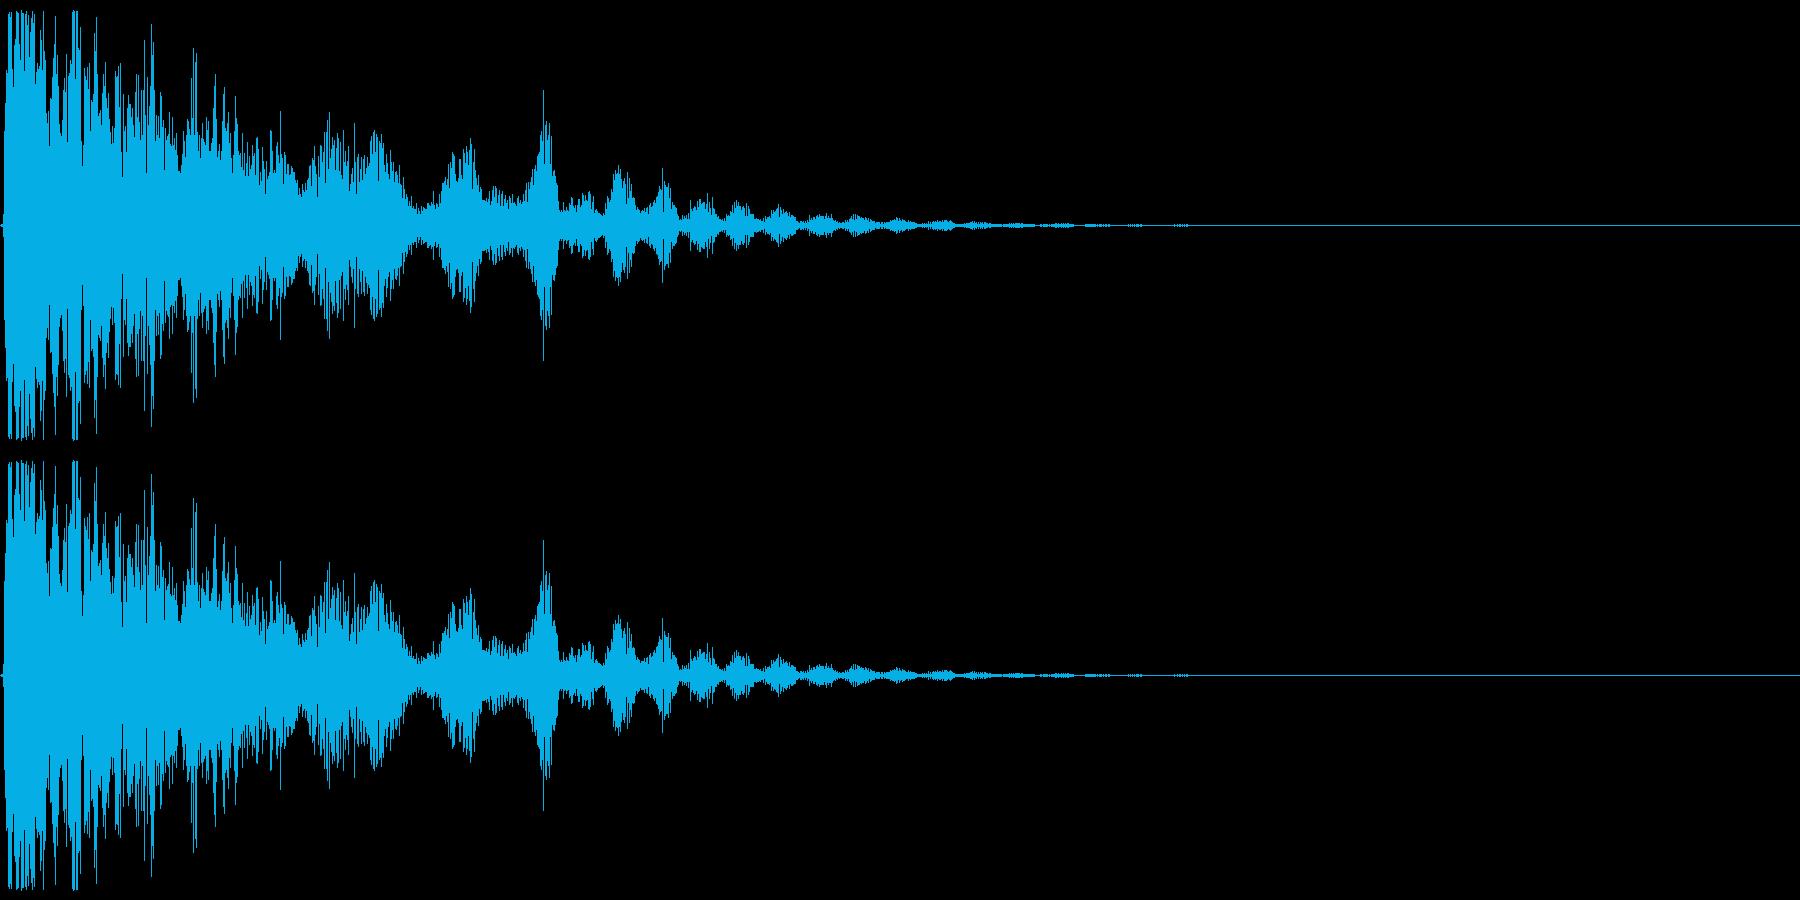 光弾、氷などをイメージしたエフェクト音の再生済みの波形